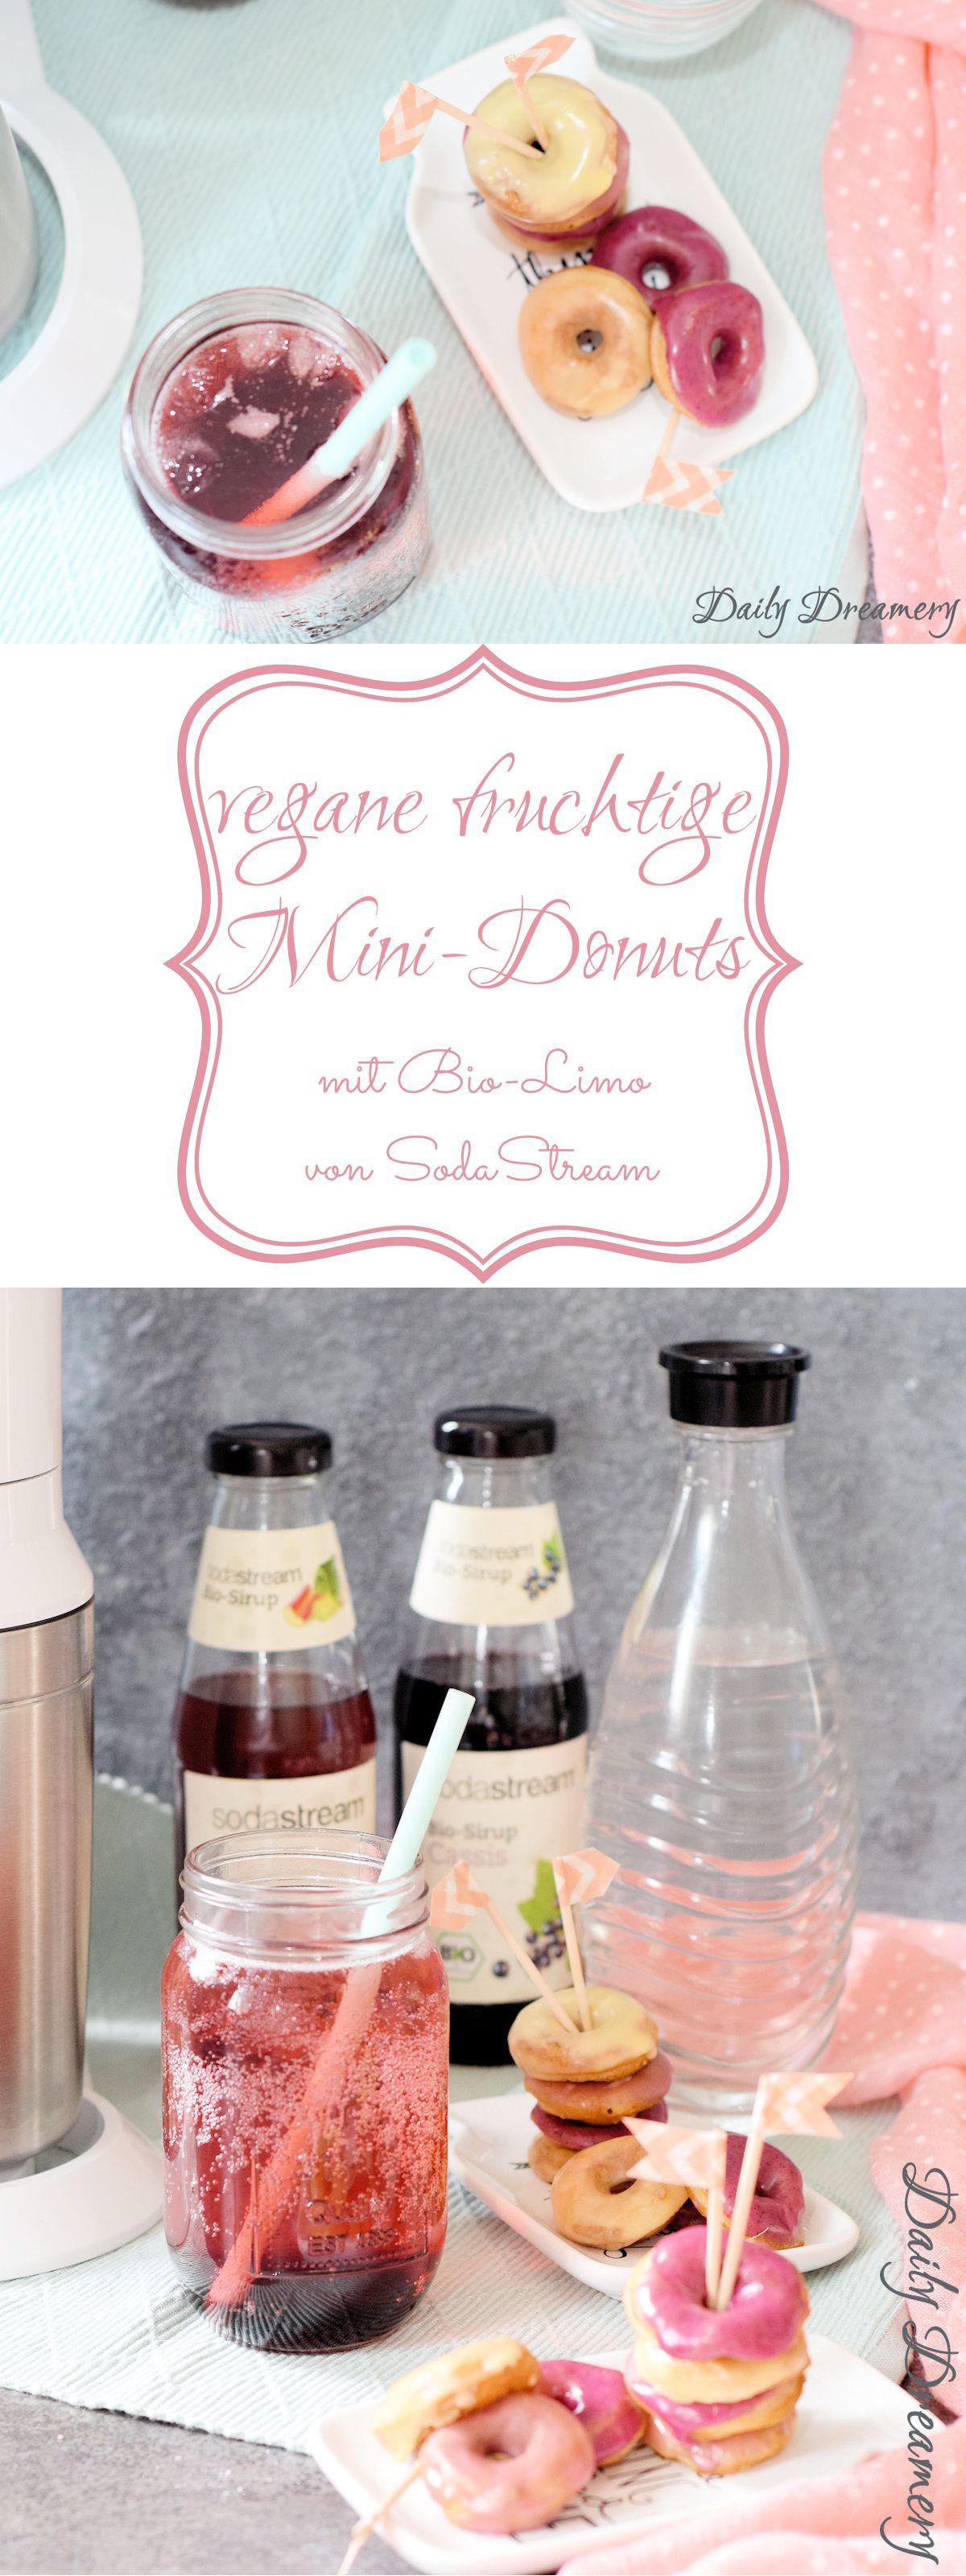 Rezept für vegane Mini-Donuts mit fruchtigem Guss und spritzige Bio-Limo vom SodaStream #vegan #donuts #sodastream